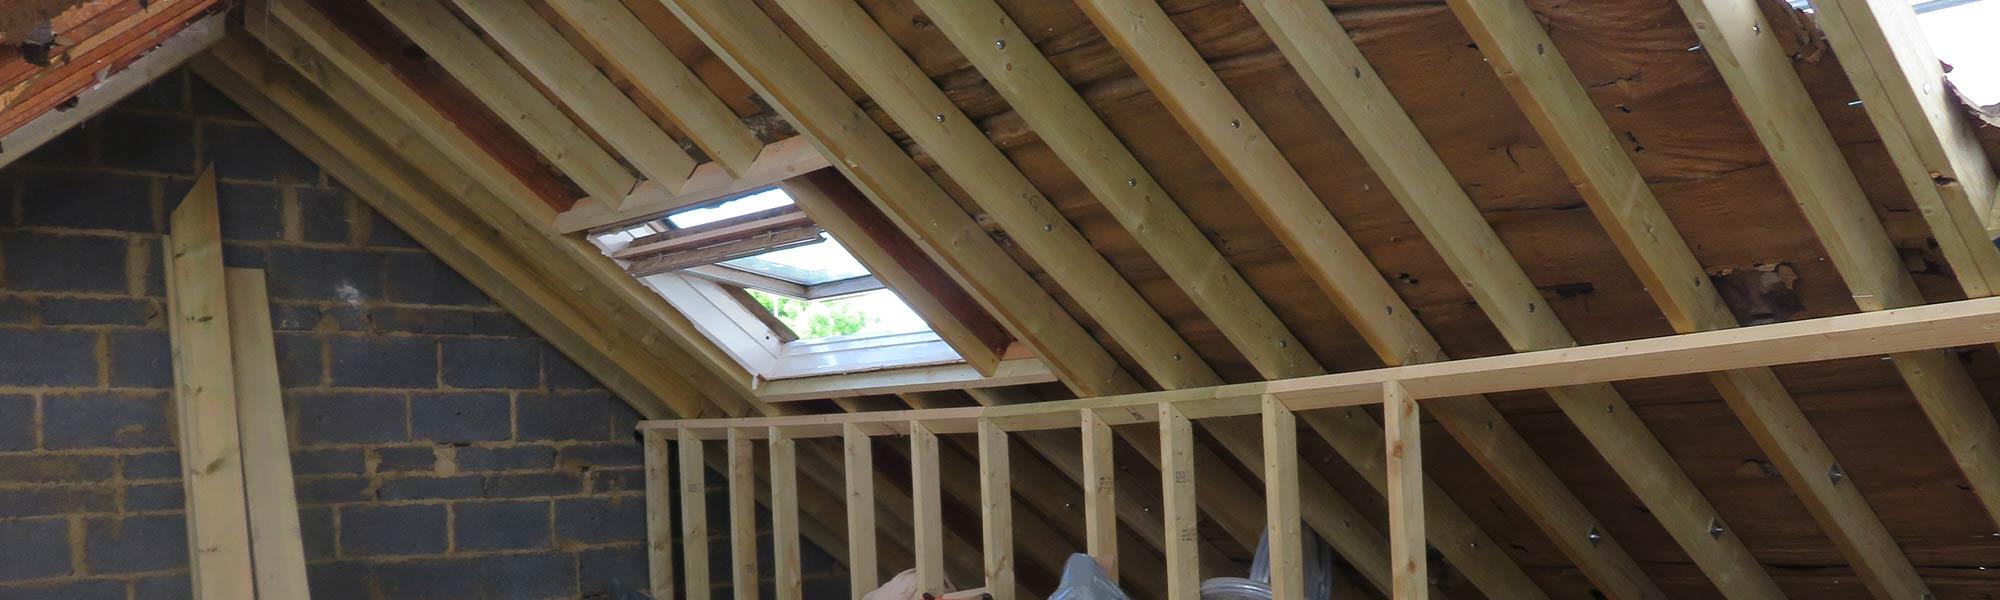 Loft Conversion South West London